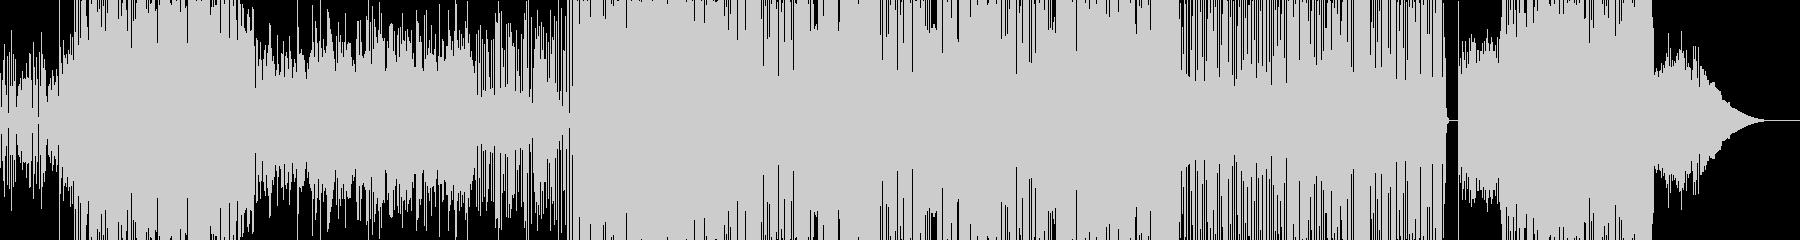 ファンキーなロックの未再生の波形